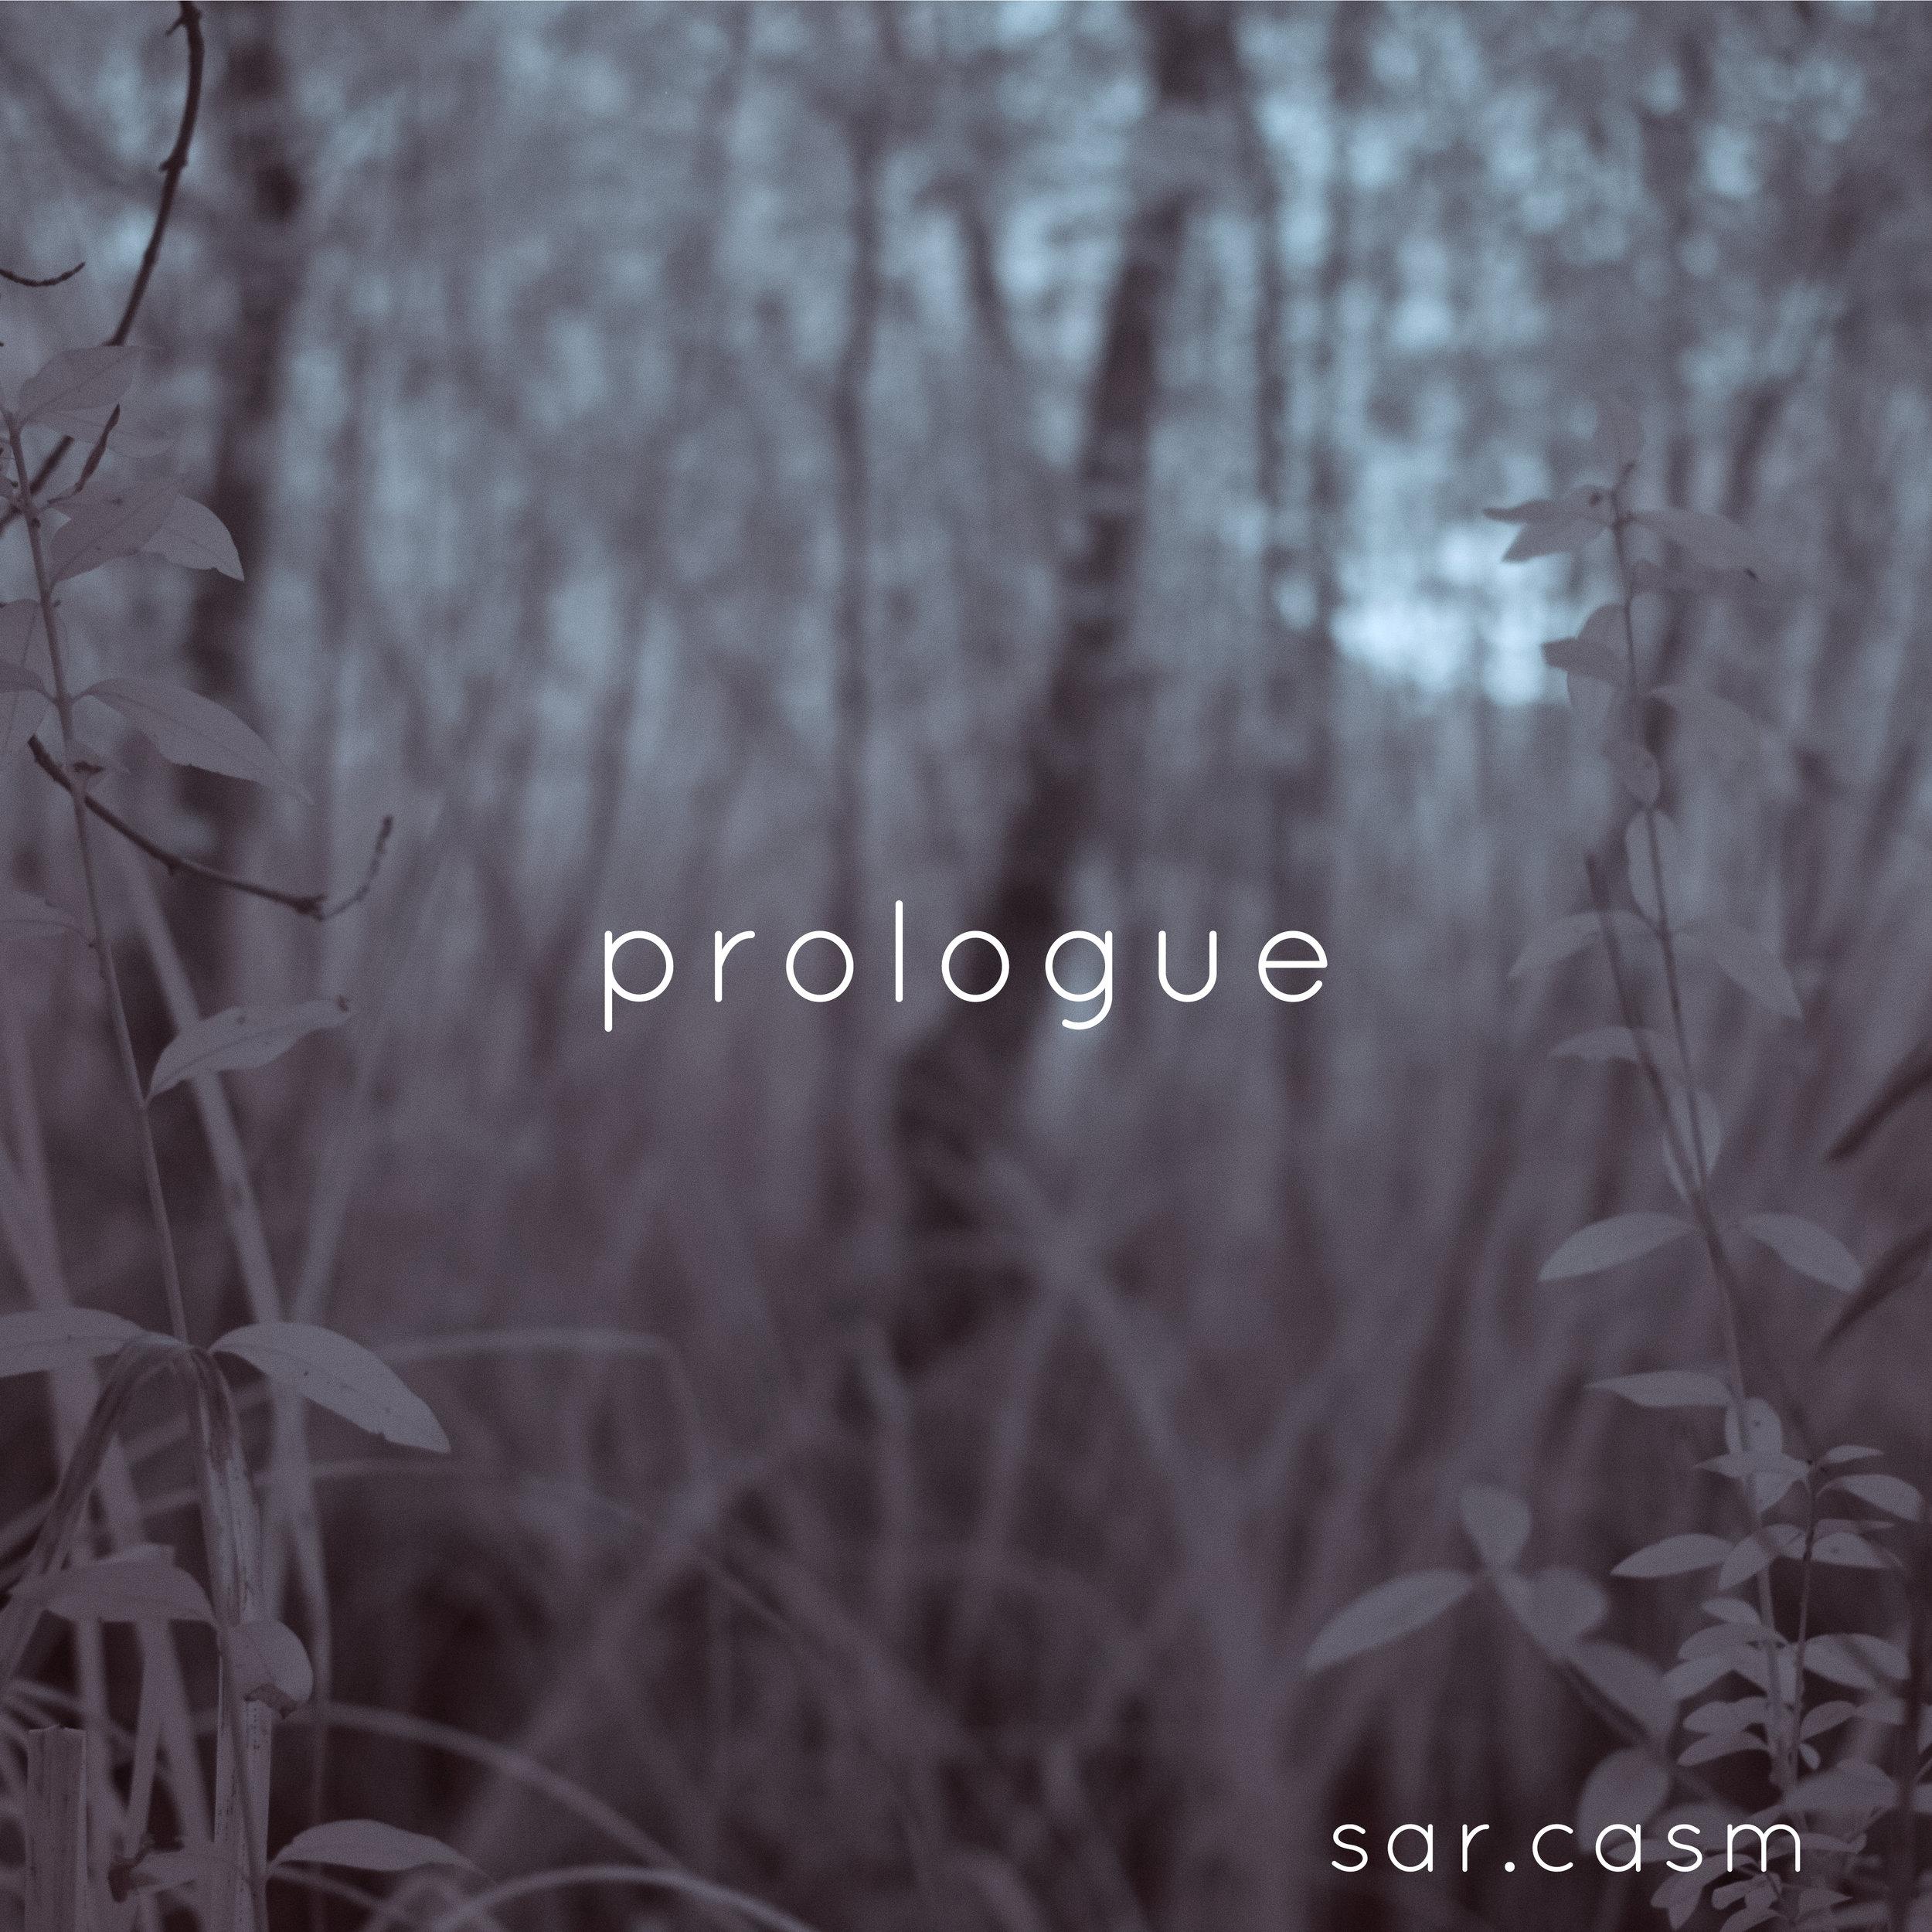 Prologue - sar.casm